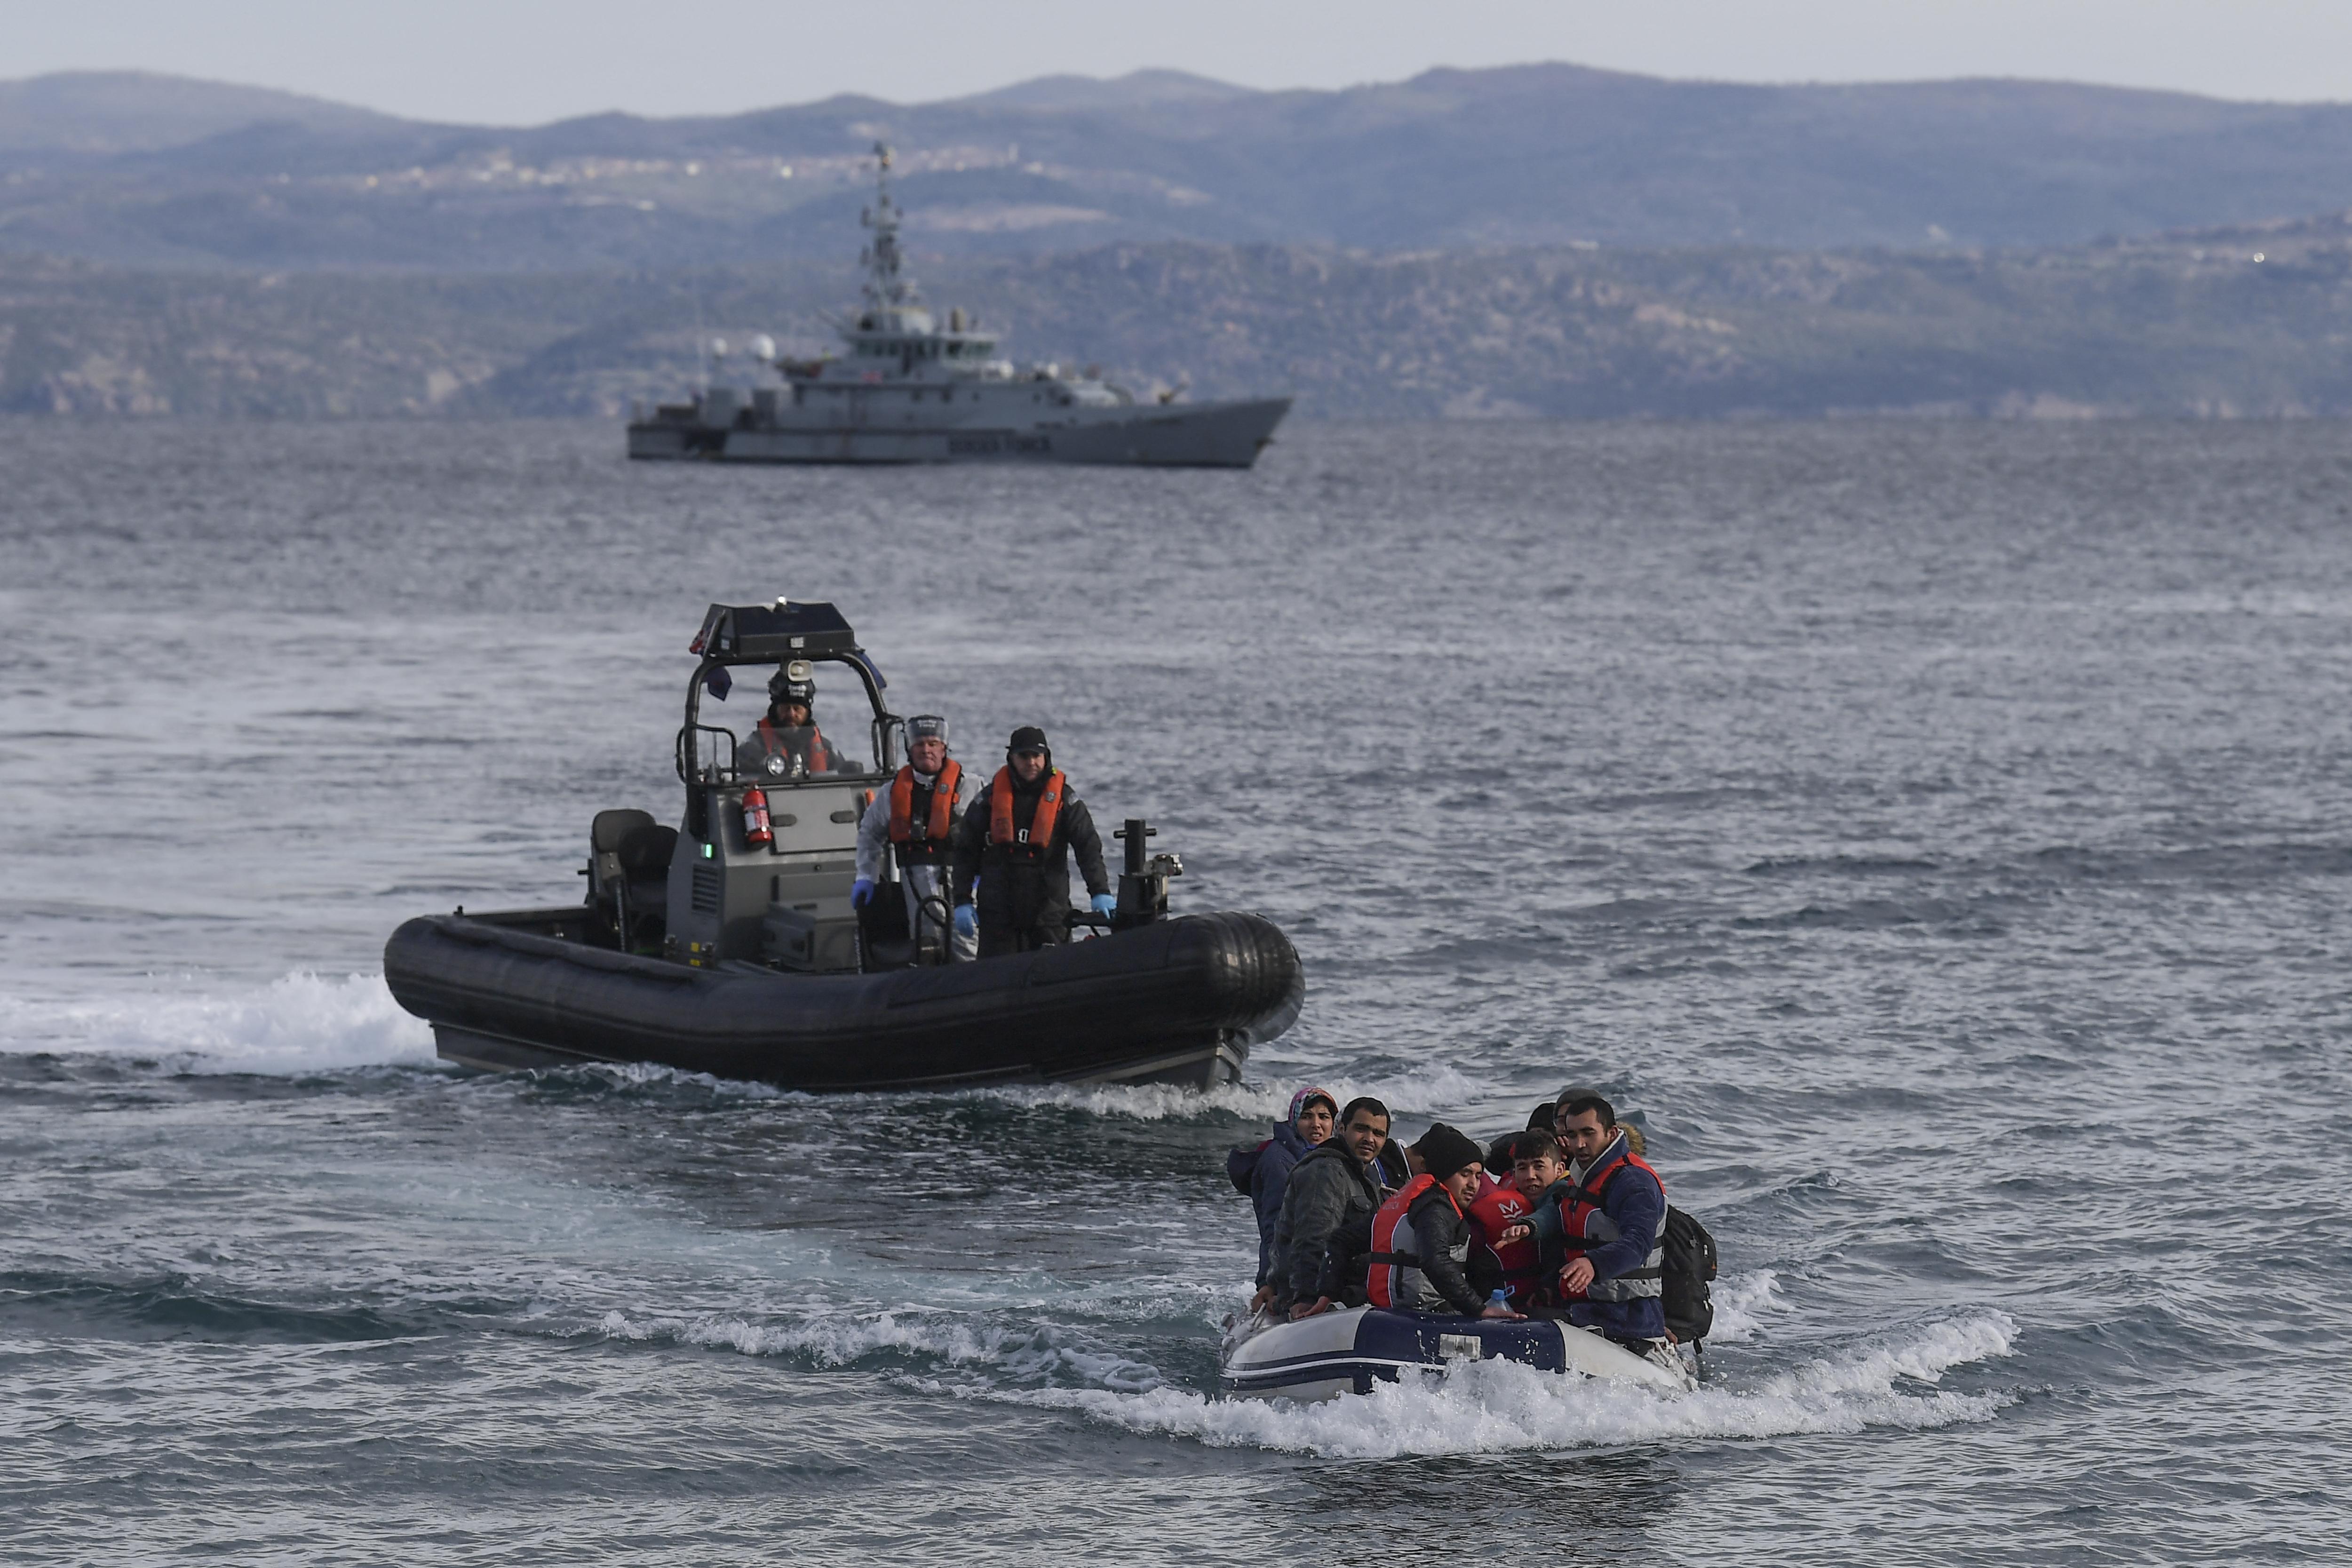 Nem védte meg a Frontex a menedékkérők emberi jogait